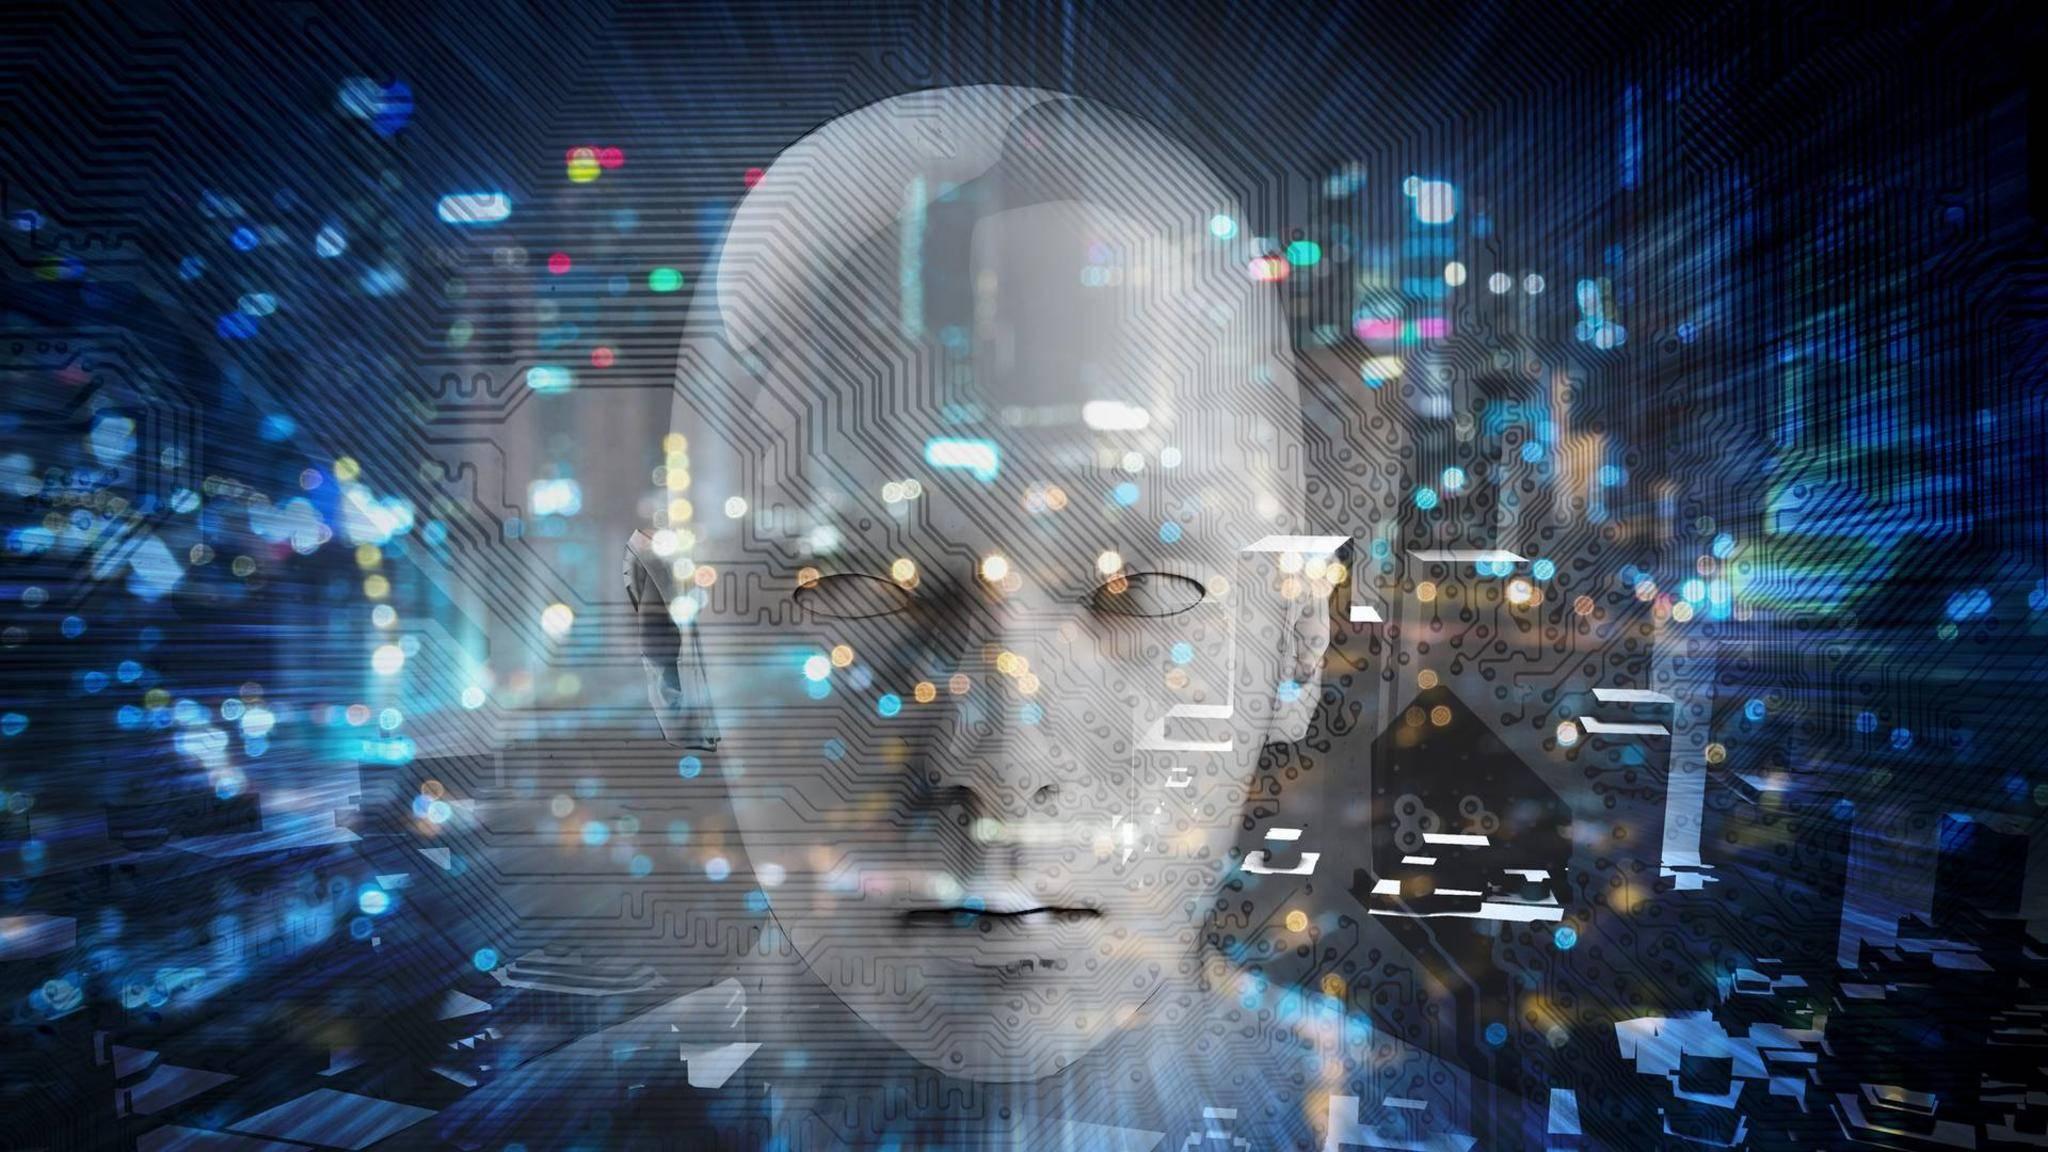 Künstliche Intelligenz erobert die Welt.